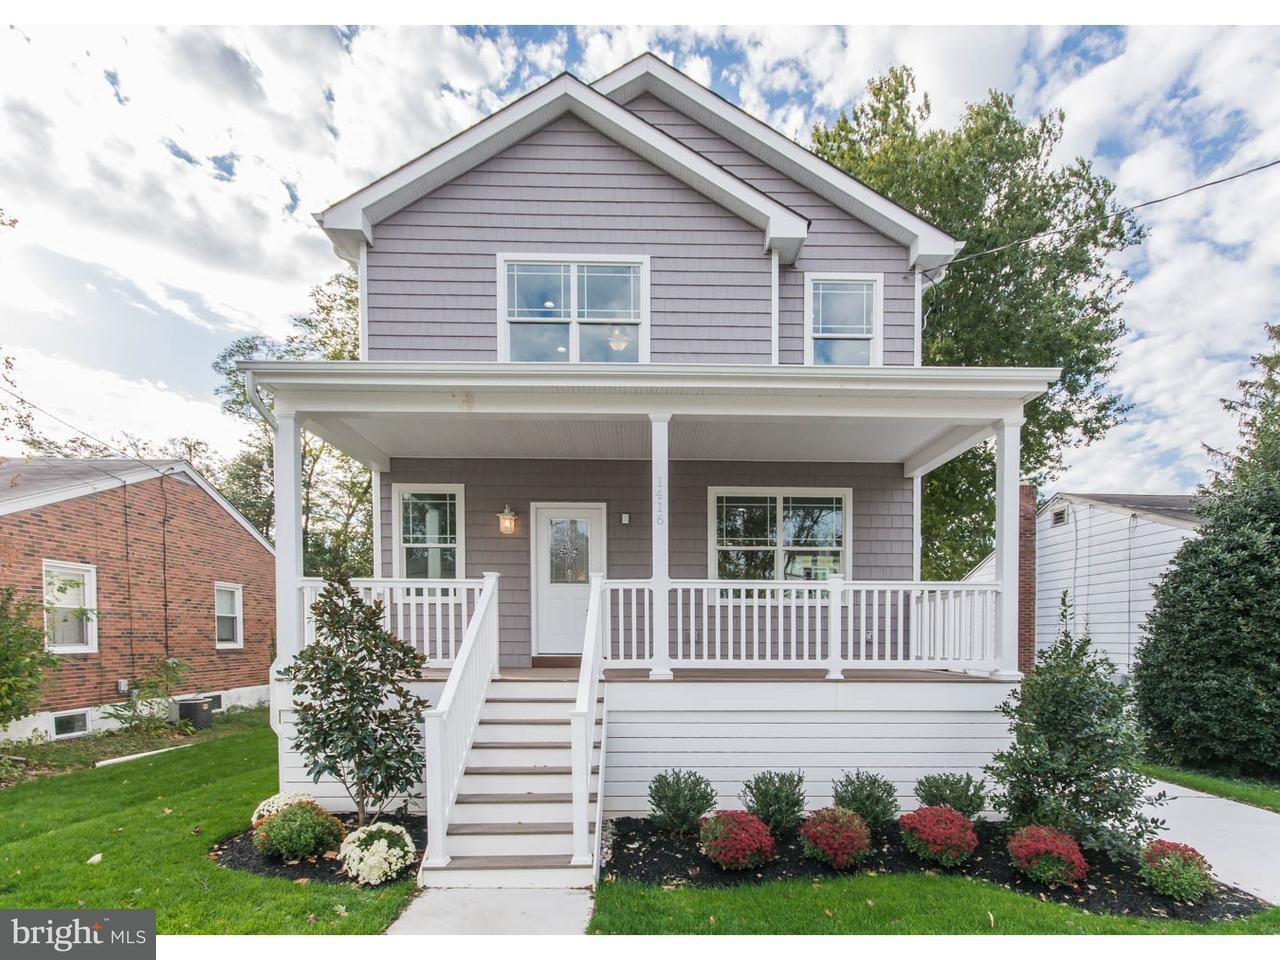 Maison unifamiliale pour l Vente à 1416 SYCAMORE Street Haddon Heights, New Jersey 08035 États-Unis